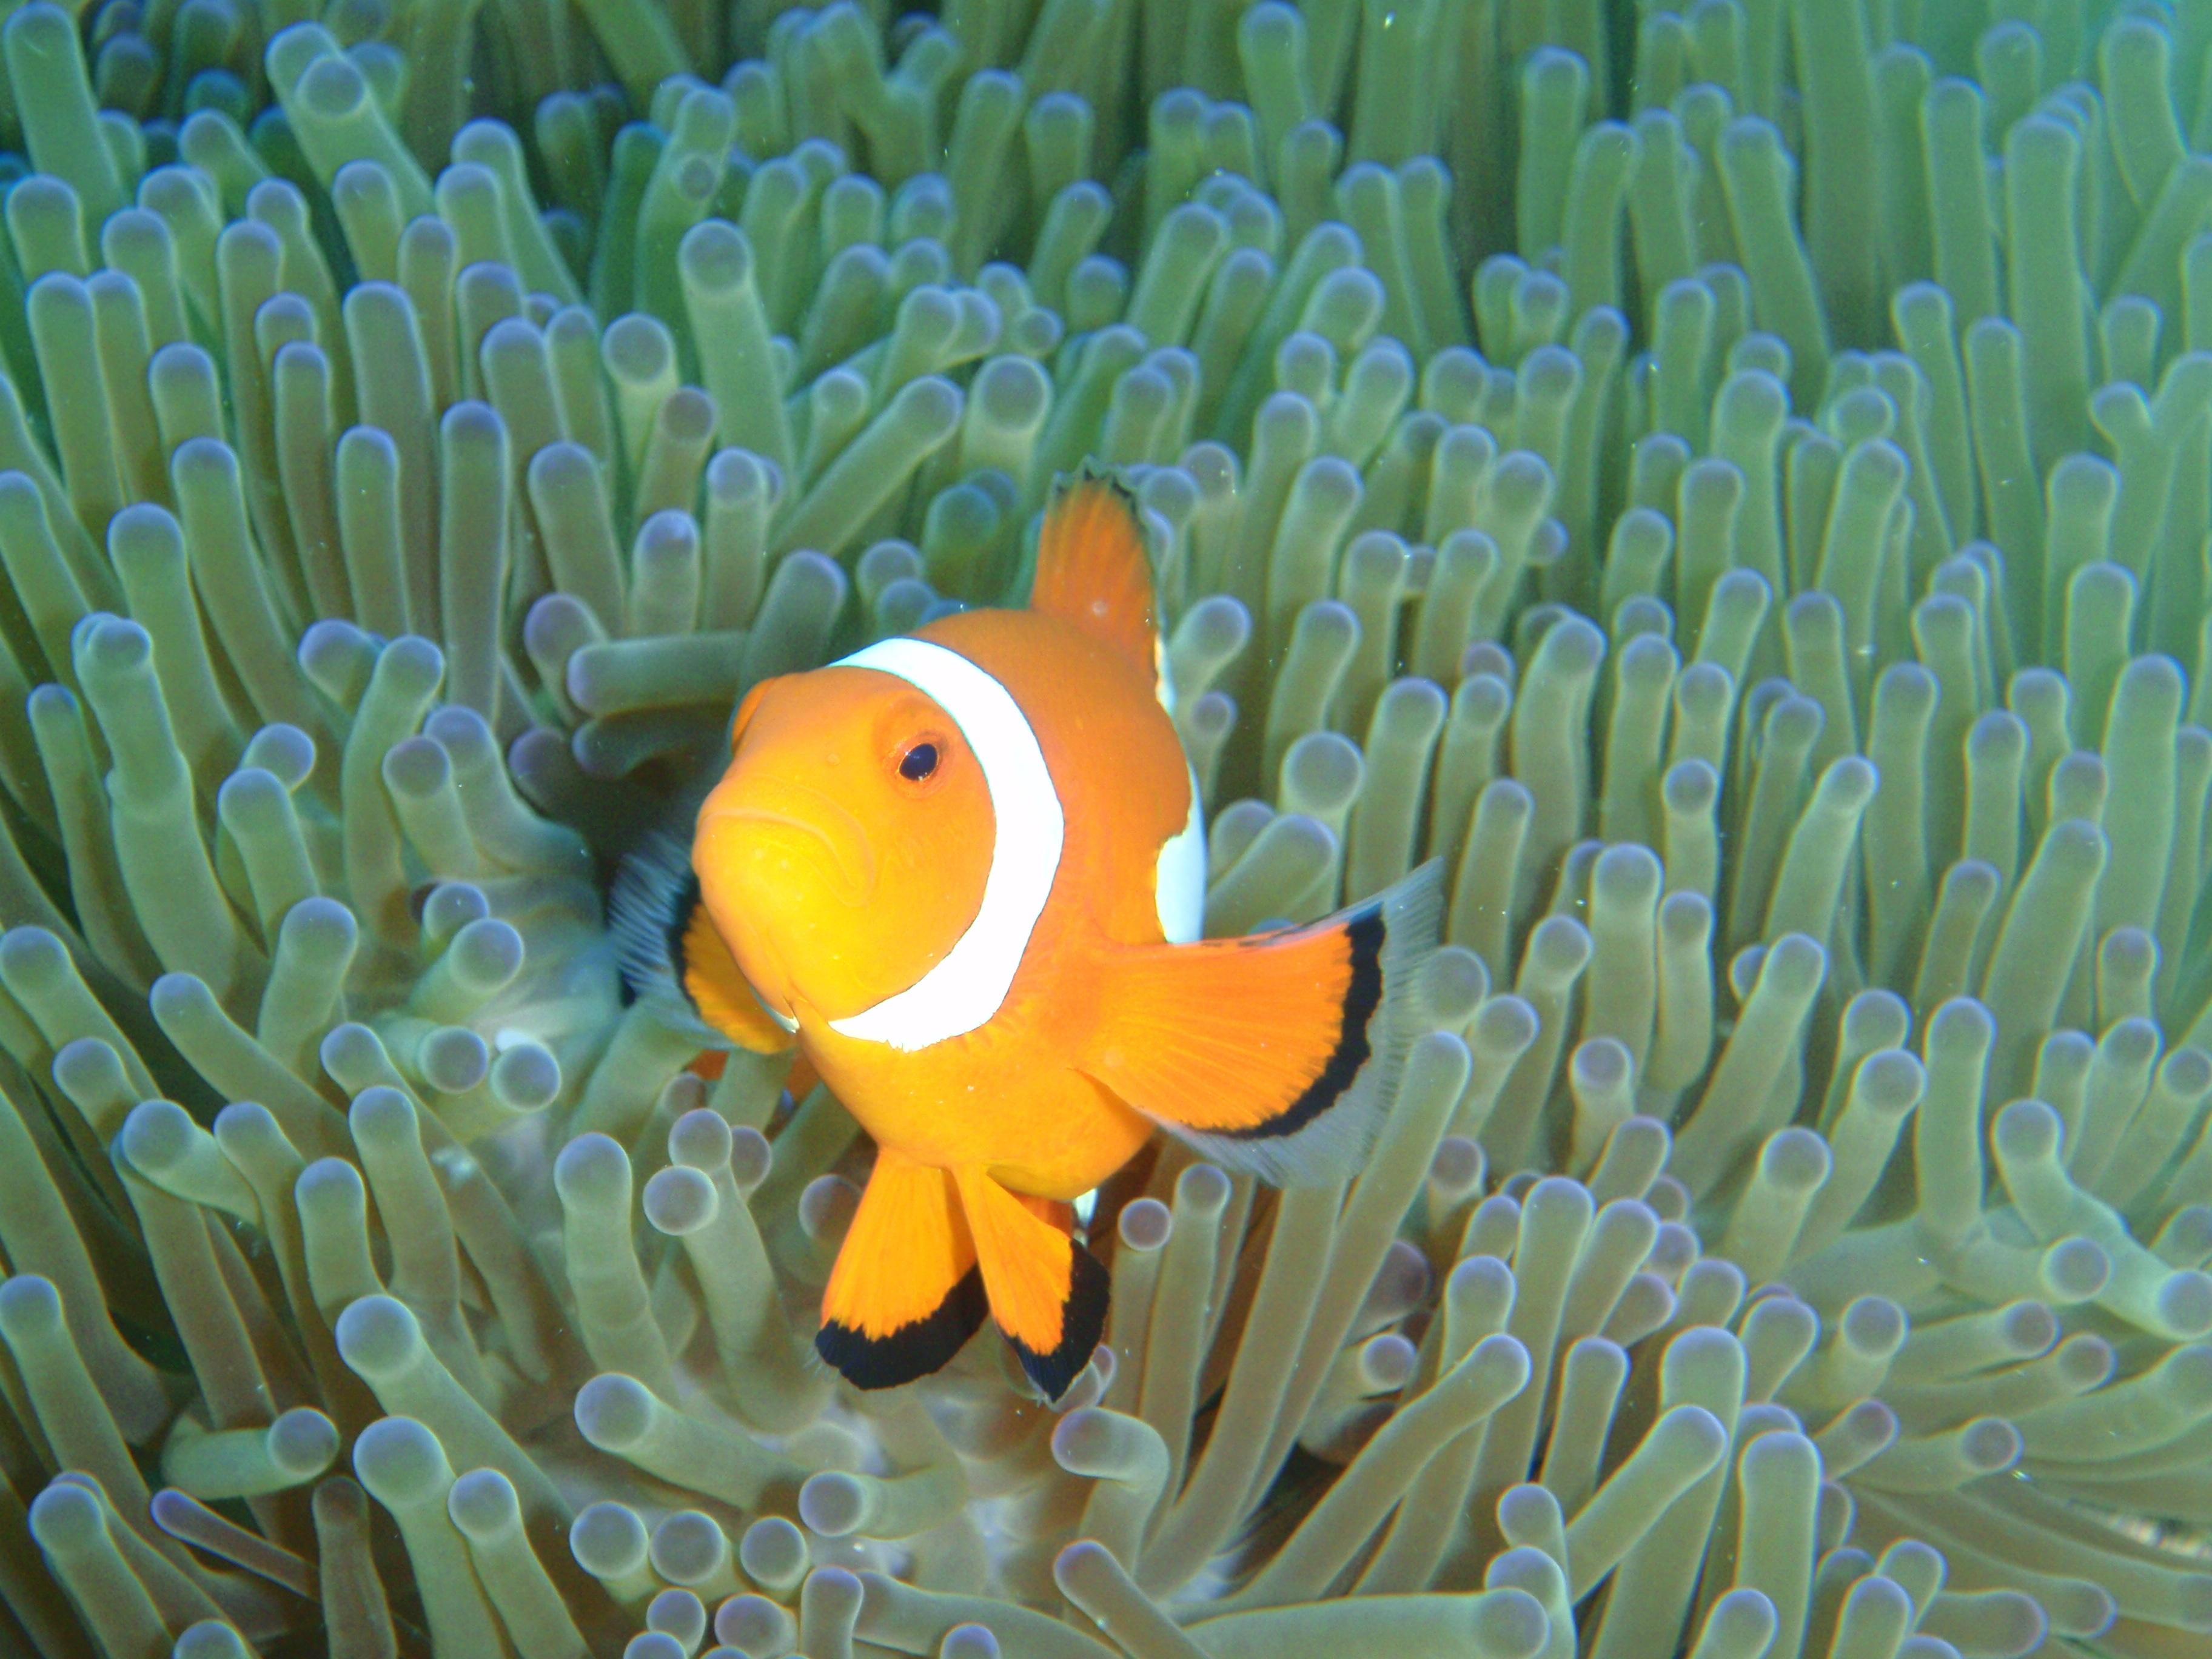 水中生物観察・浮遊感など楽しみ方は人それぞれ。自分好みのダイビングスタイルが徐々にできてきます